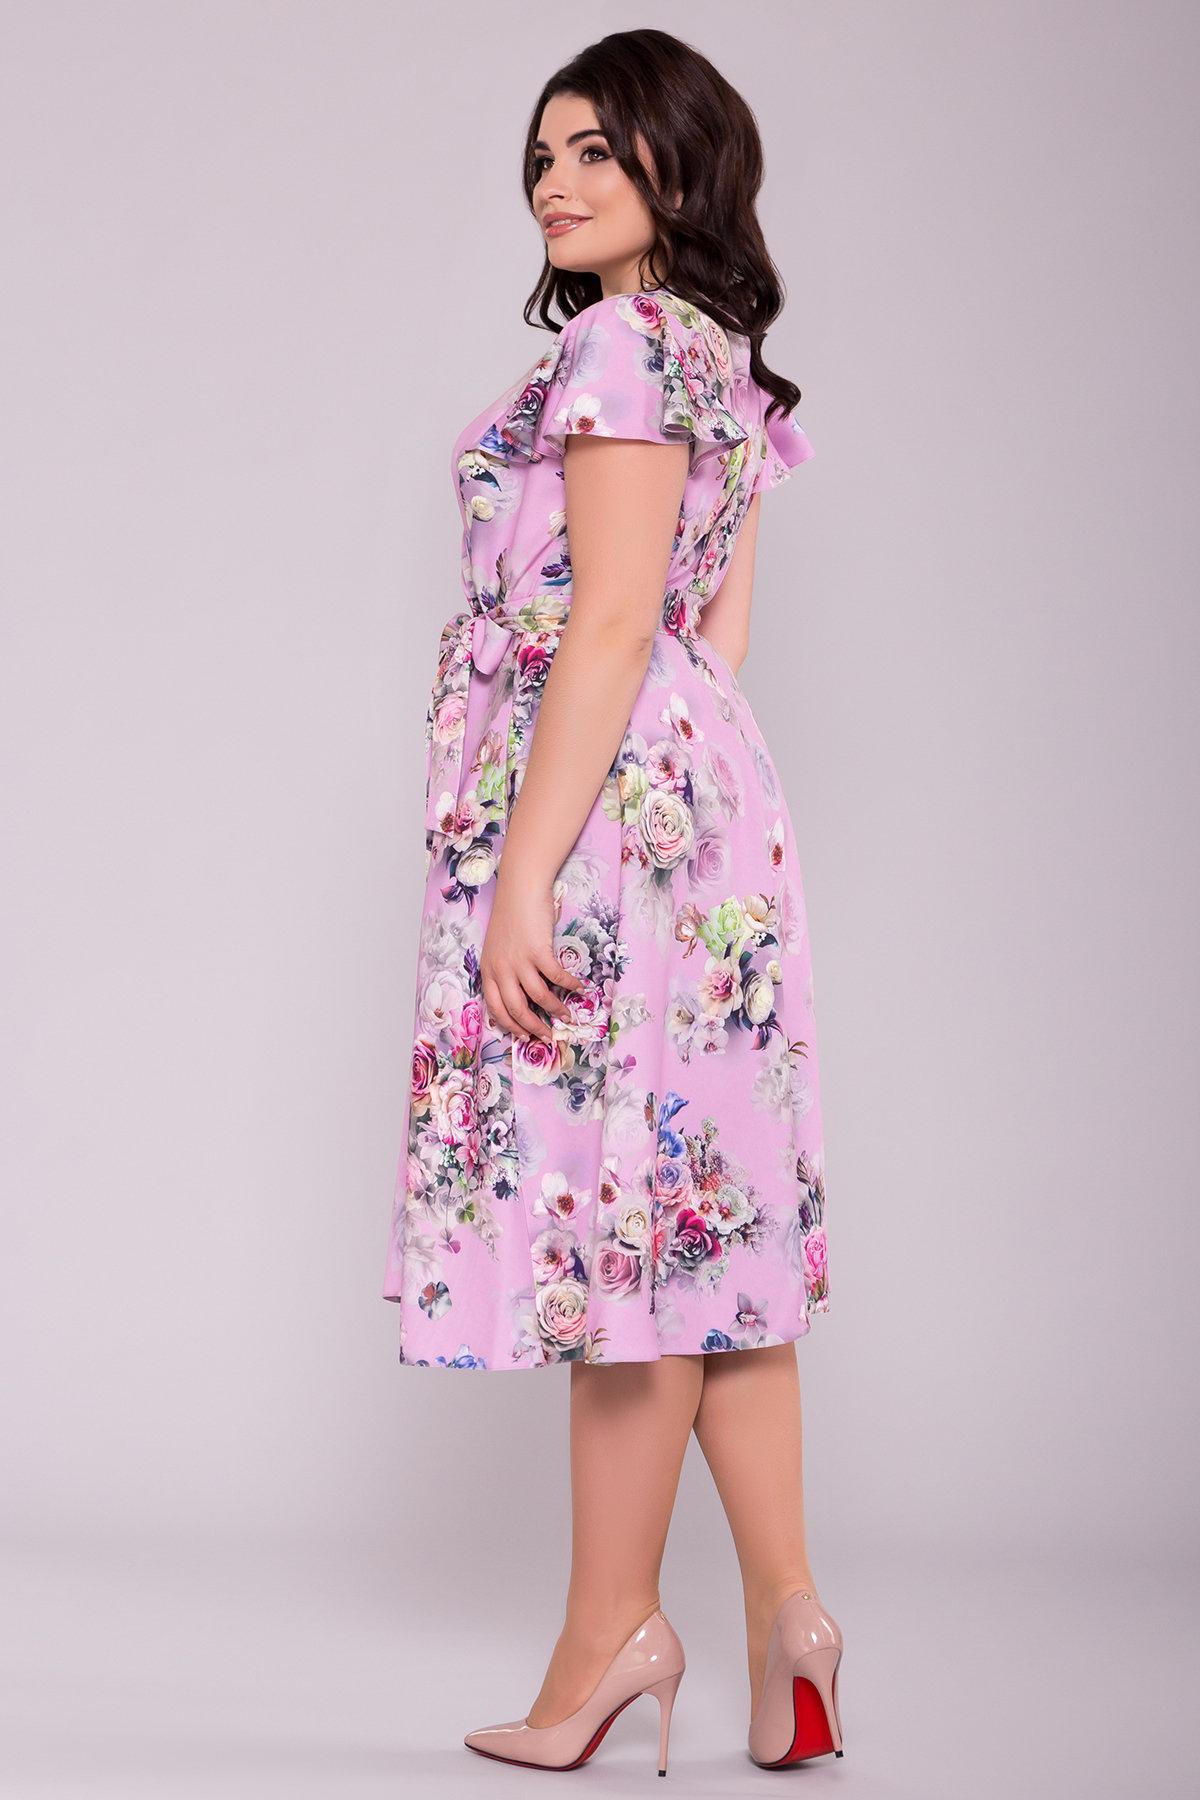 Платье Мидея миди DONNА 6931 АРТ. 42056 Цвет: Цветы розовый/пудра - фото 2, интернет магазин tm-modus.ru